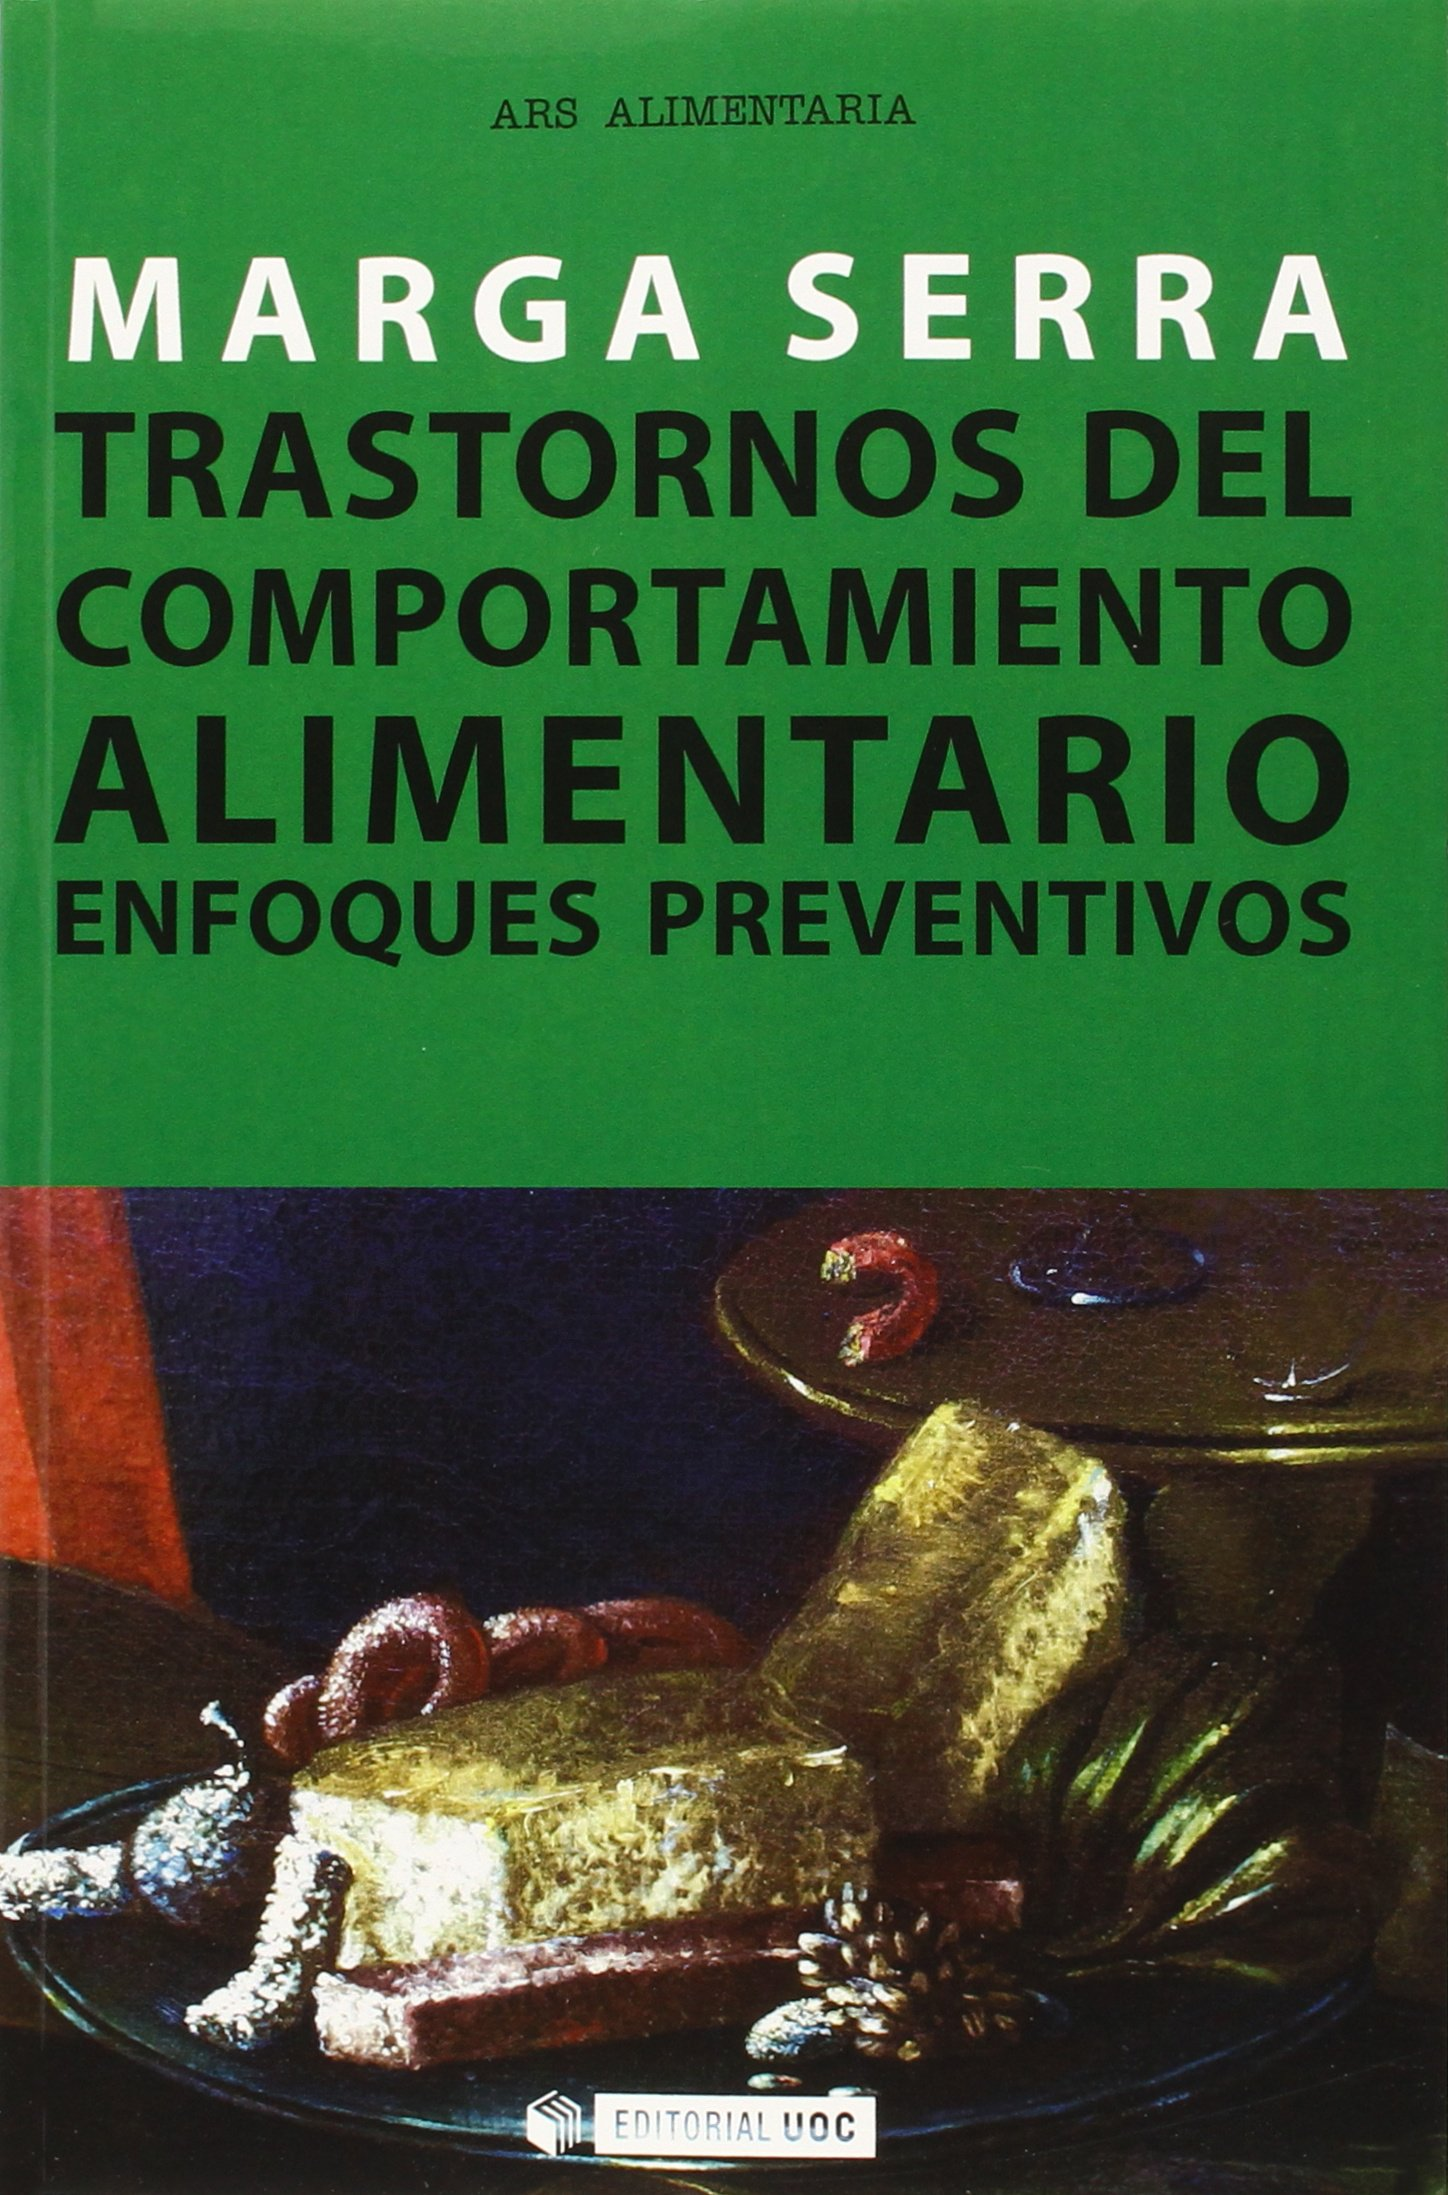 Trastornos del comportamiento alimentario. Enfoques preventivos Manuales: Amazon.es: Marga Serra: Libros